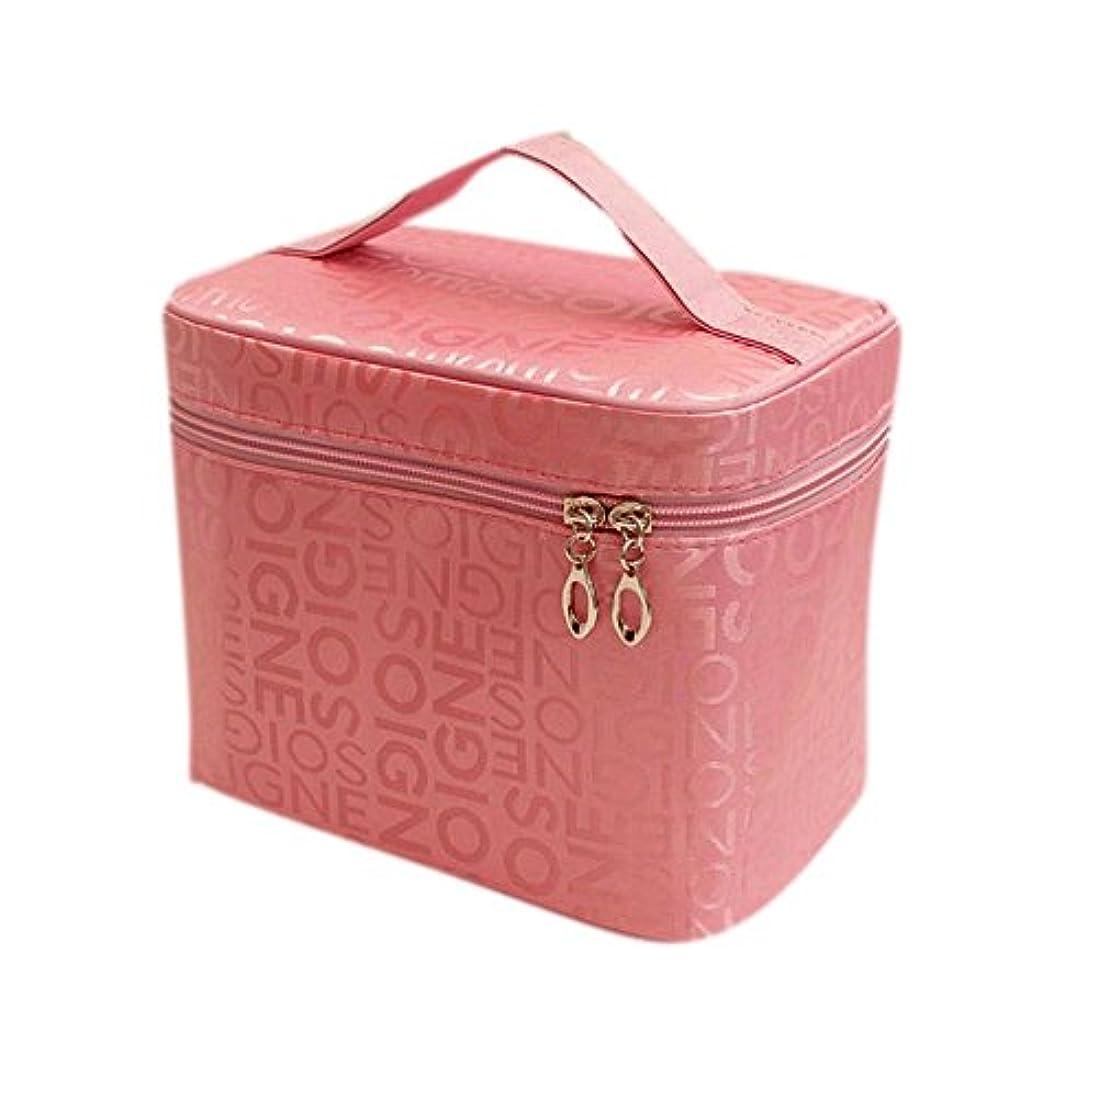 ながらアルネエアコンDRASAWEE(JP)コスメポーチ バニティ 化粧ポーチ 機能的 使いやすい コスメ 収納 コスメポーチ ダブルファスナー メイクポーチ かわいい 小物入れ ピンク